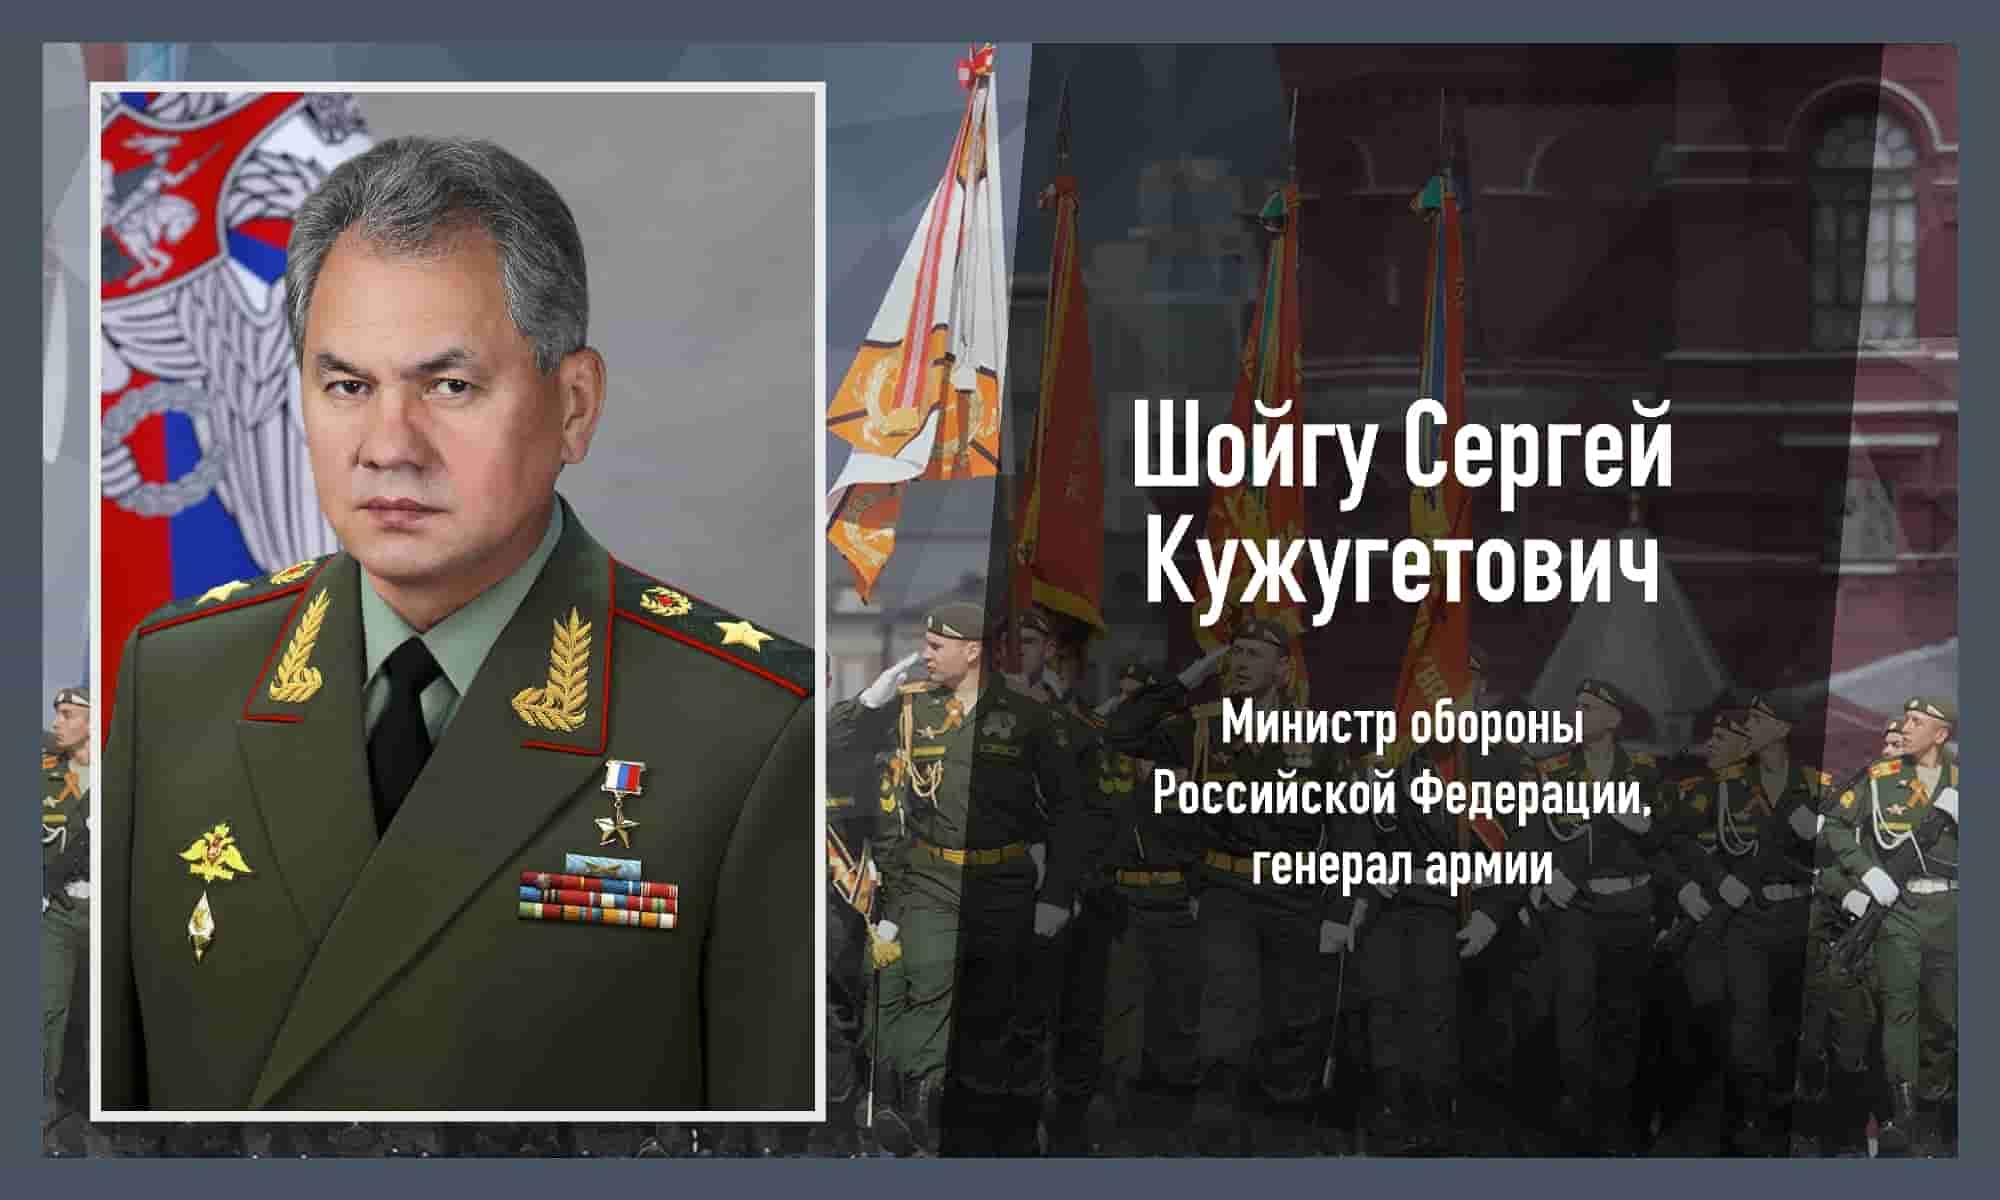 9-ministr-oborony-kollazh